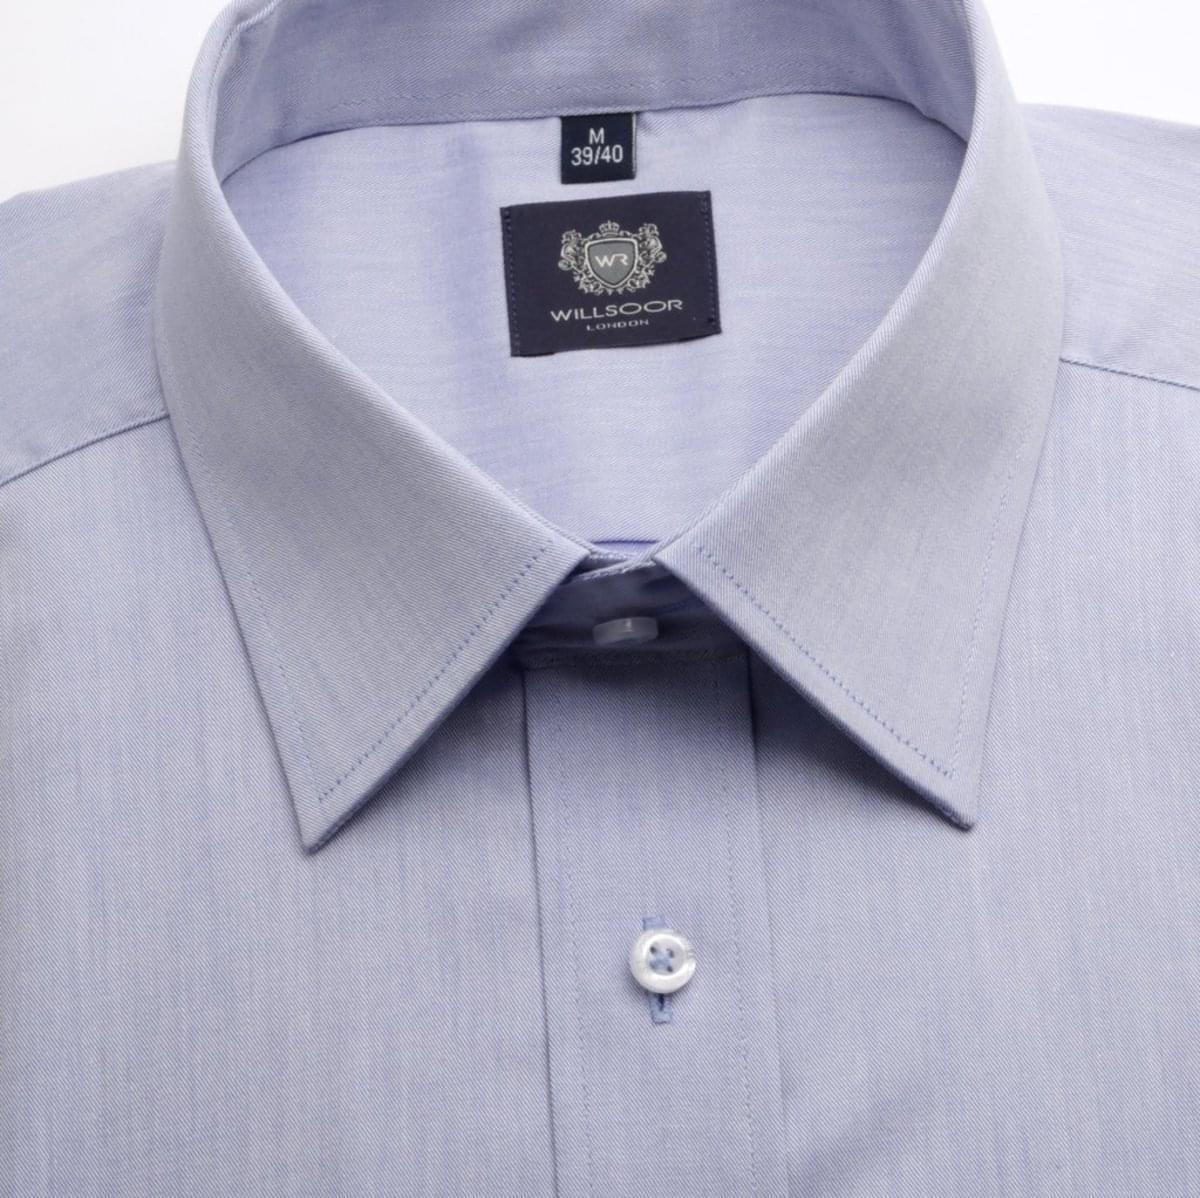 Willsoor Košile WR London (výška 176-182) 3676 176-182 / XL (43/44)